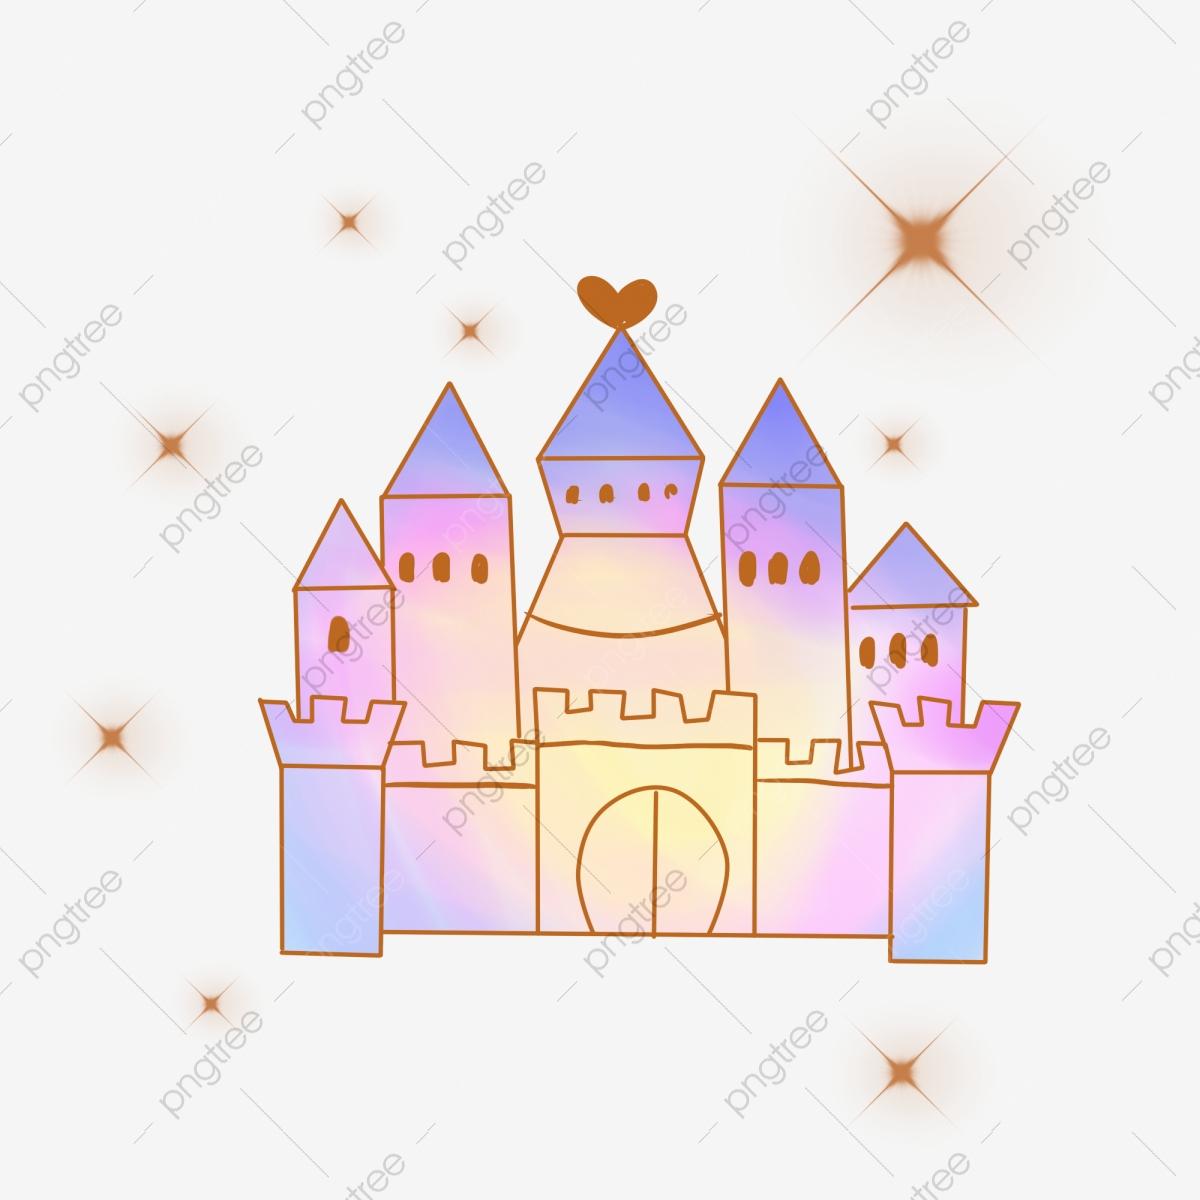 Petit Château De Rêve Petites Choses De Rêve Illustration Du tout Chateau Princesse Dessin